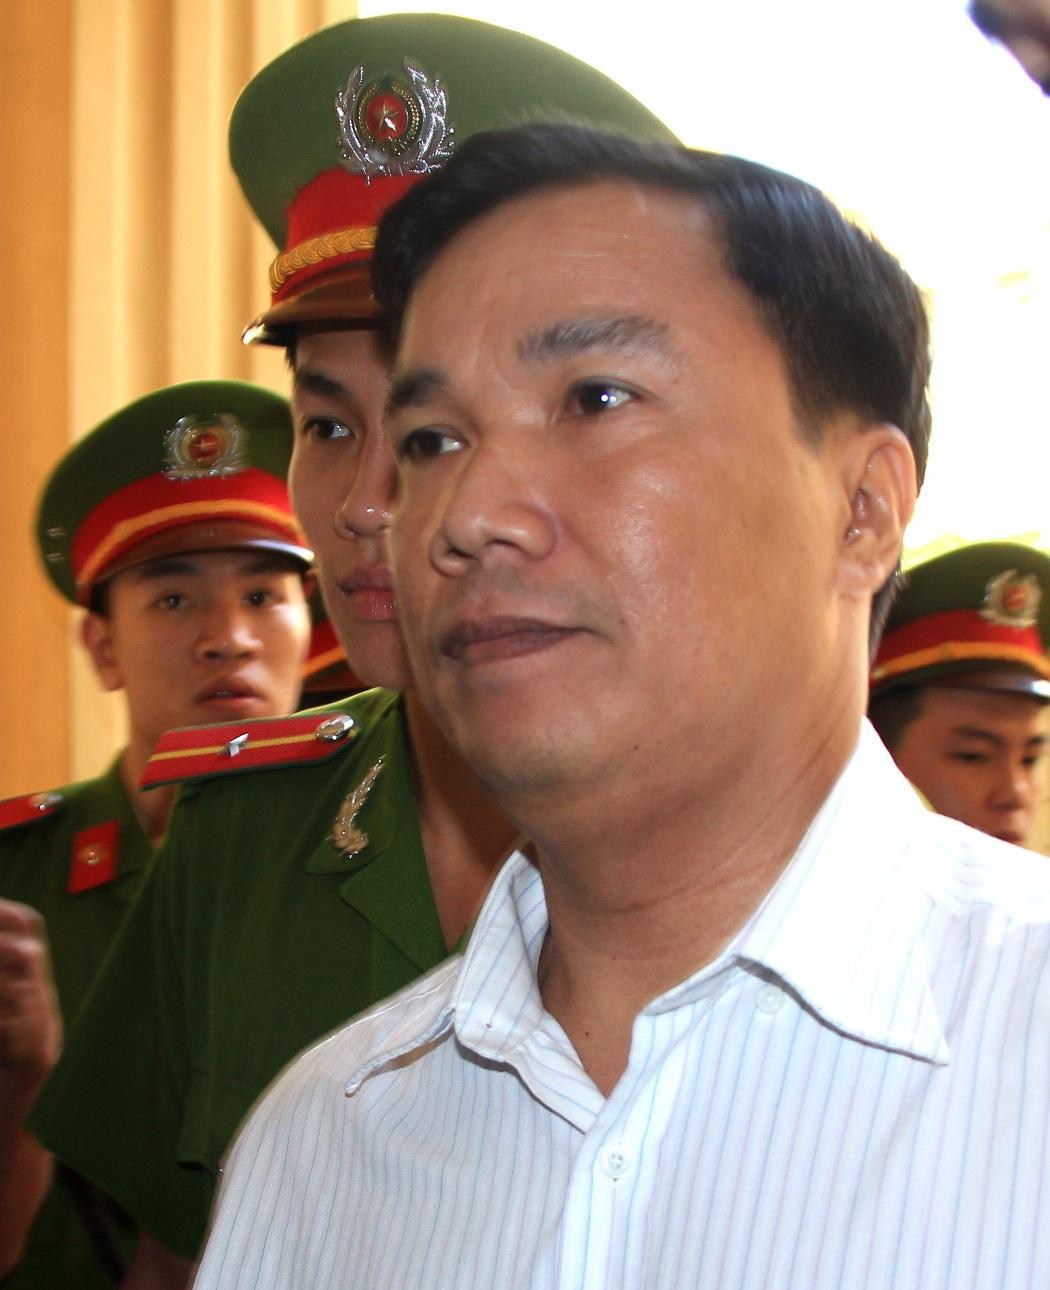 Bị cáo Ngô Văn Vinh được áp giải đến tòa